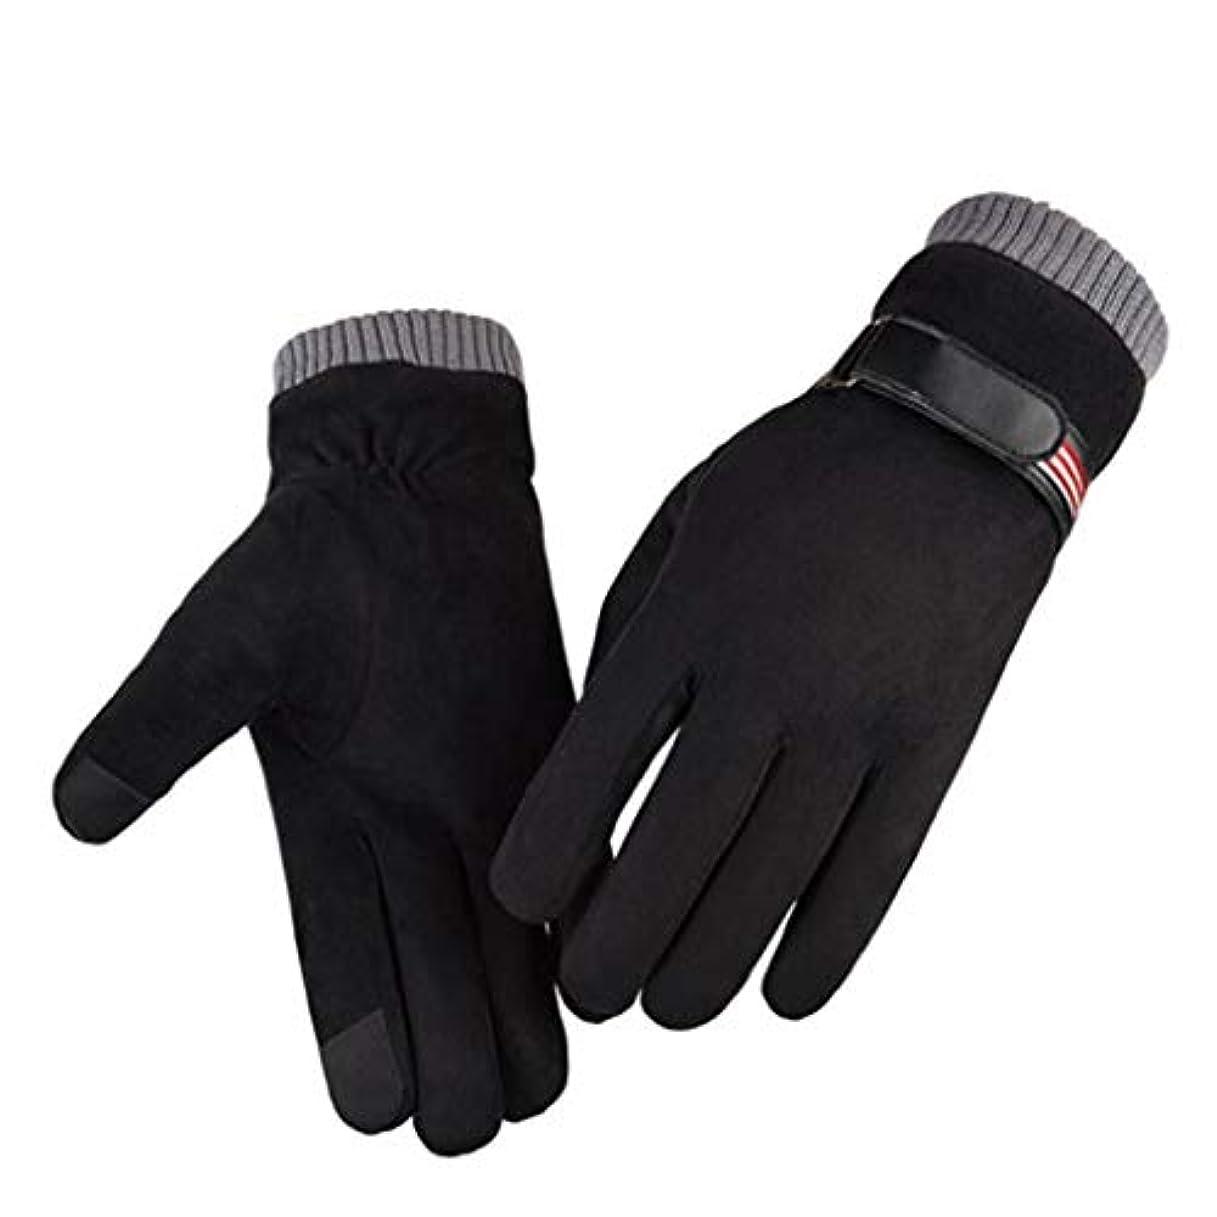 解体するミュウミュウ反響する革手袋男性の秋と冬のファッションプラスベルベット厚い暖かい防風コールドライドアンチスキッドタッチスクリーンスエード手袋の男性